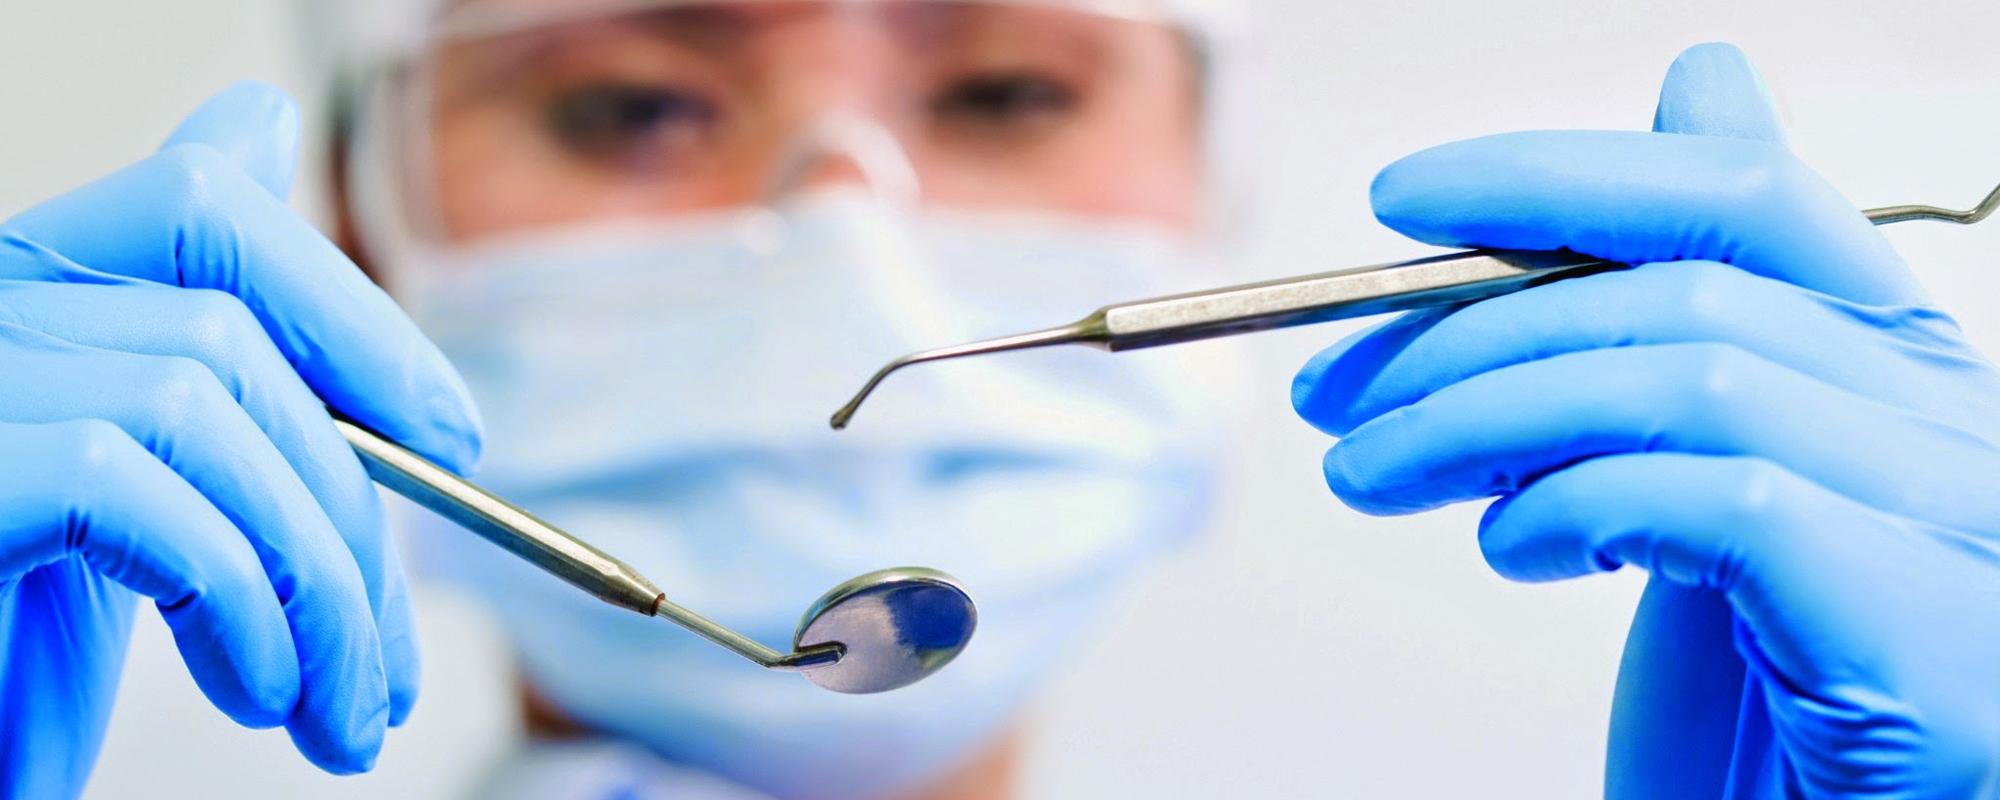 Ofrecemos servicios dentales <span>de la más alta calidad con resultados garantizados.</span>